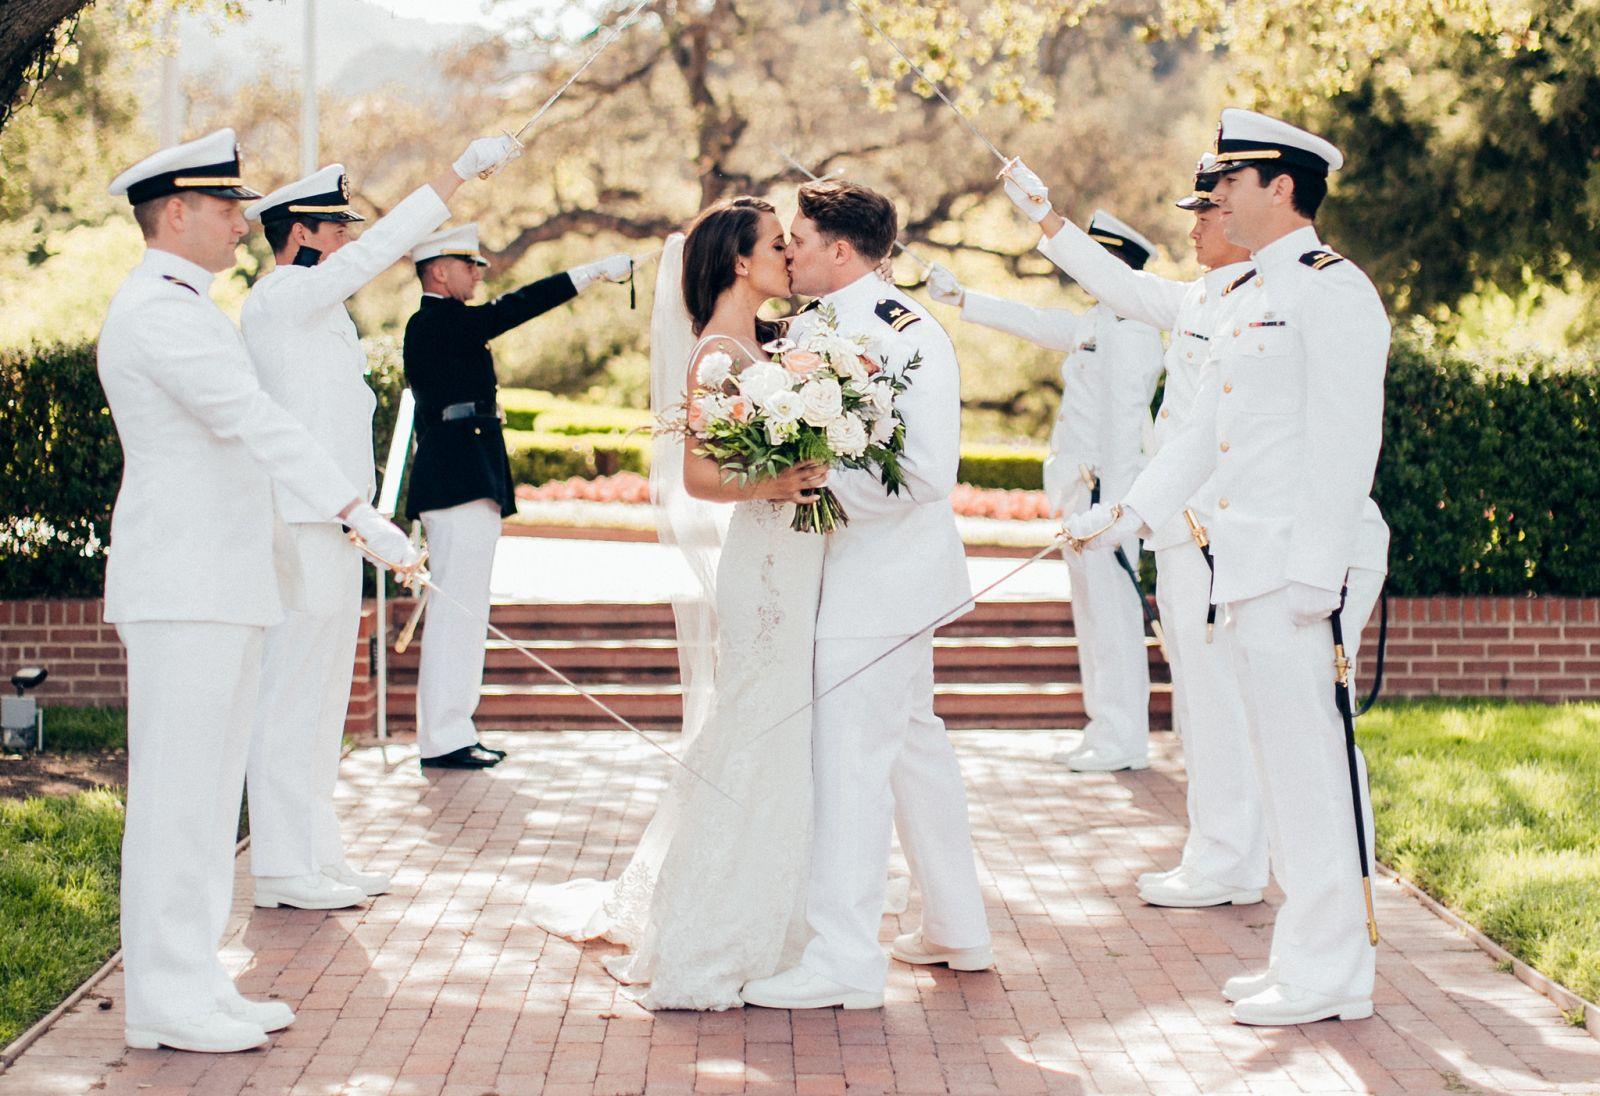 Planner for destination wedding in Arizona